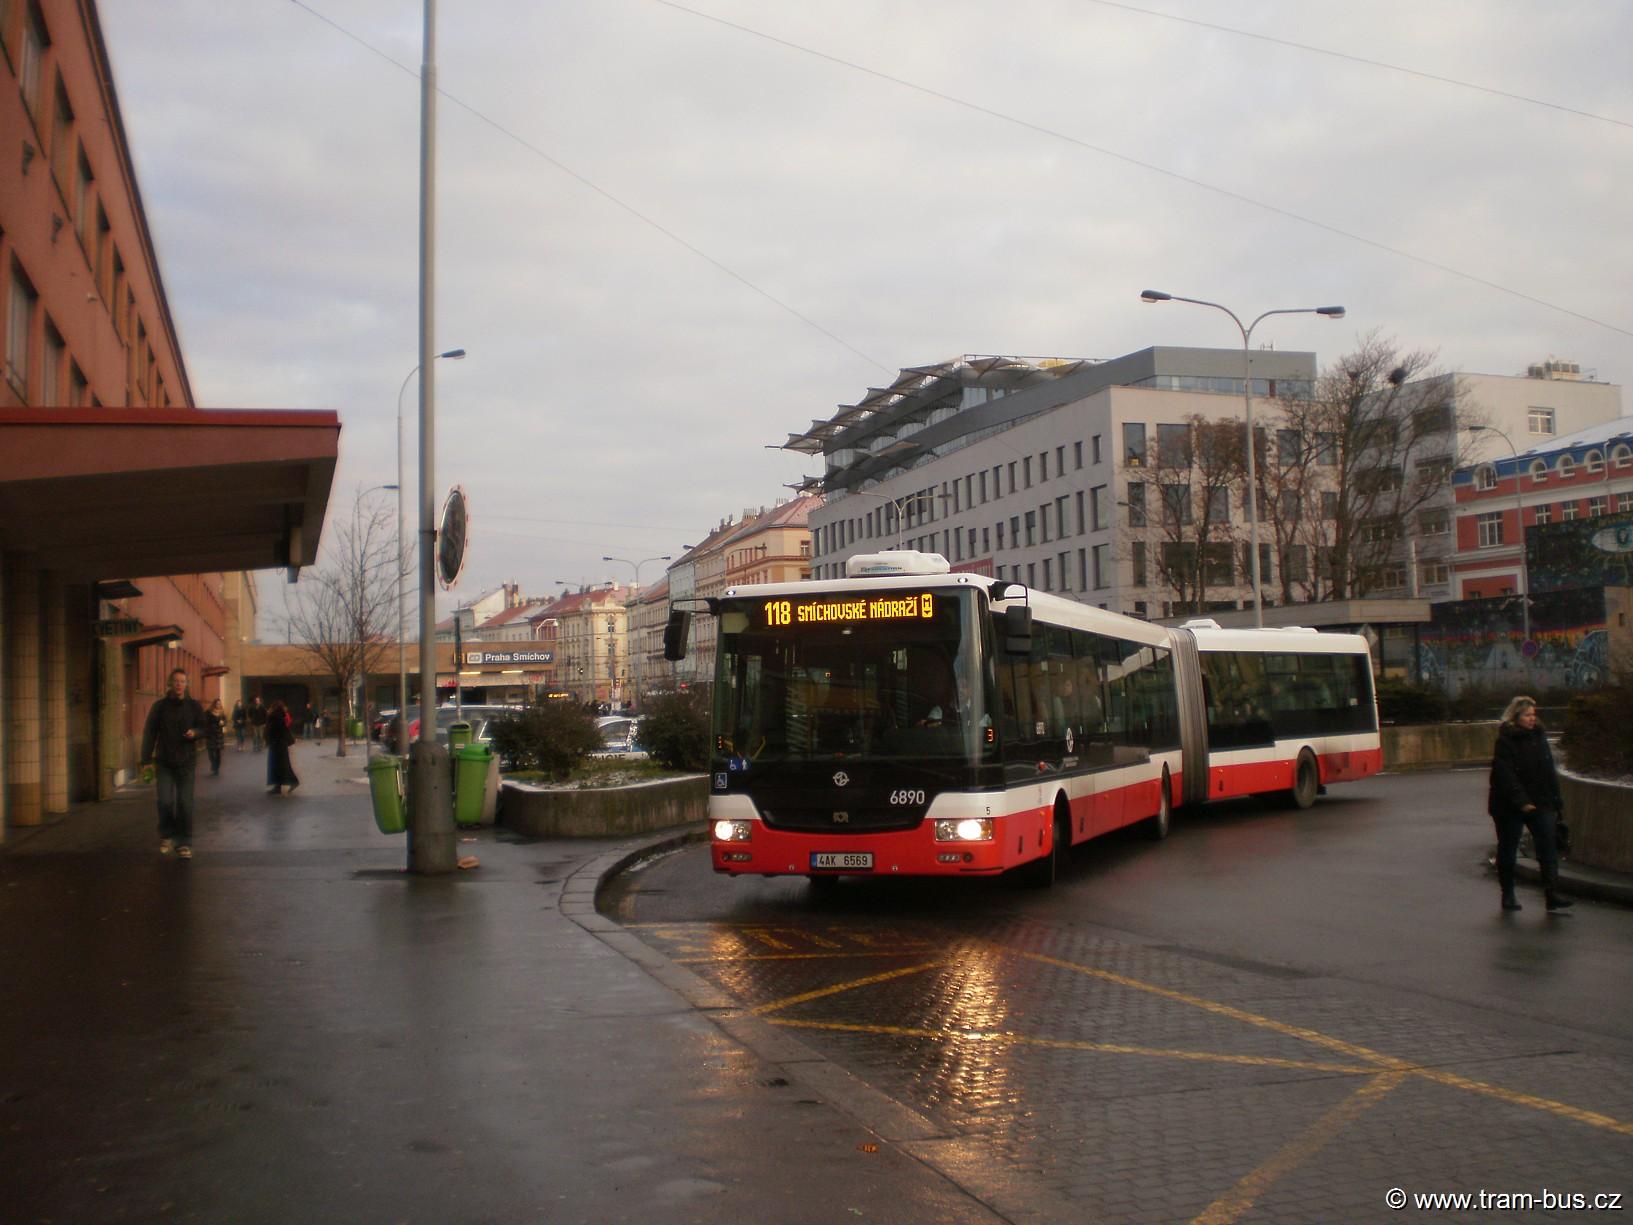 linka 118 SOR NB 18 Smíchovské nádraží 2015